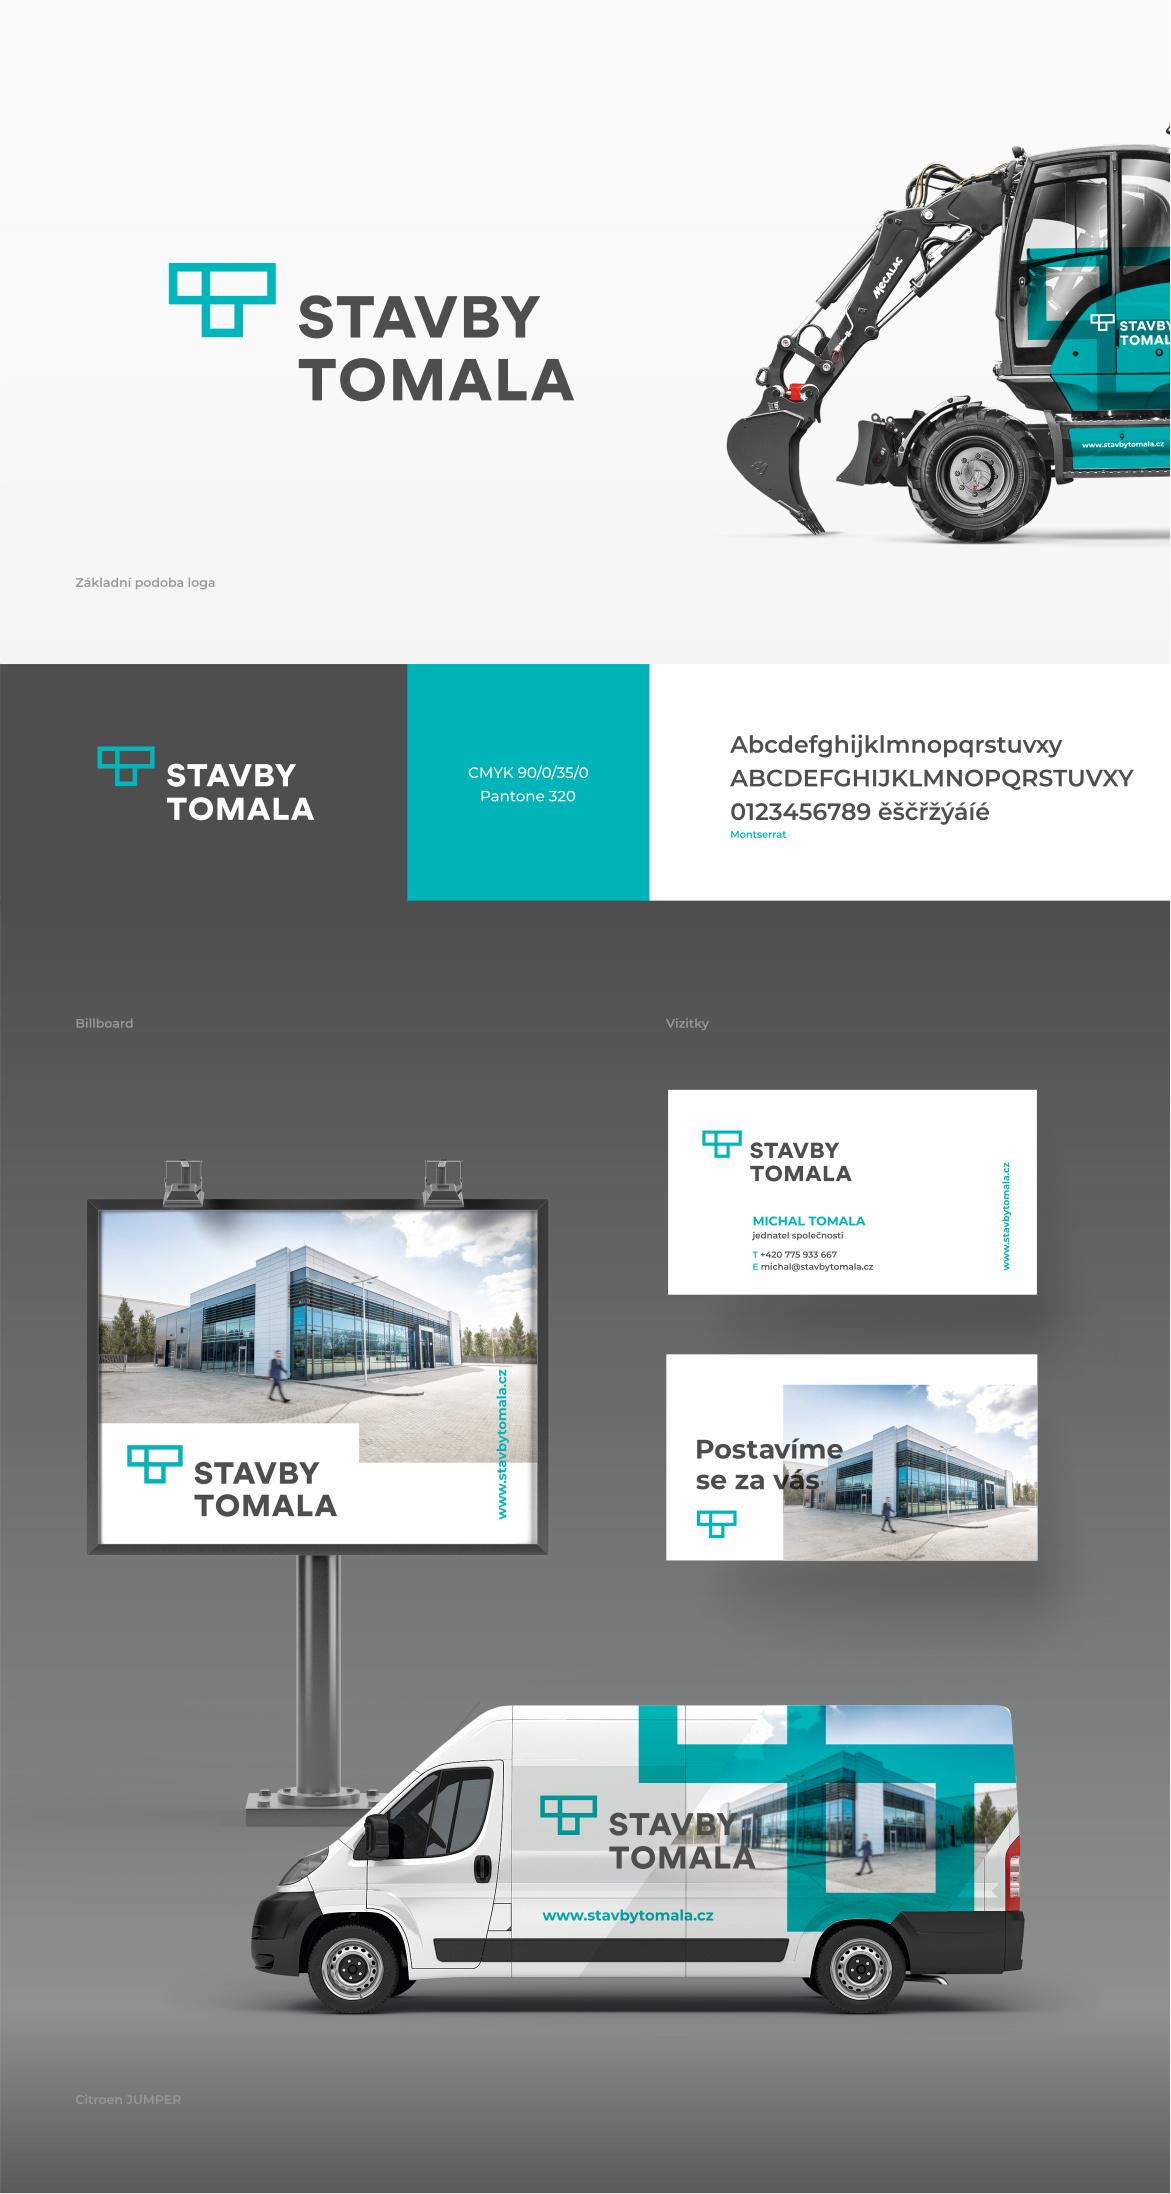 stavby-tomala-1170-1@babicekdesign